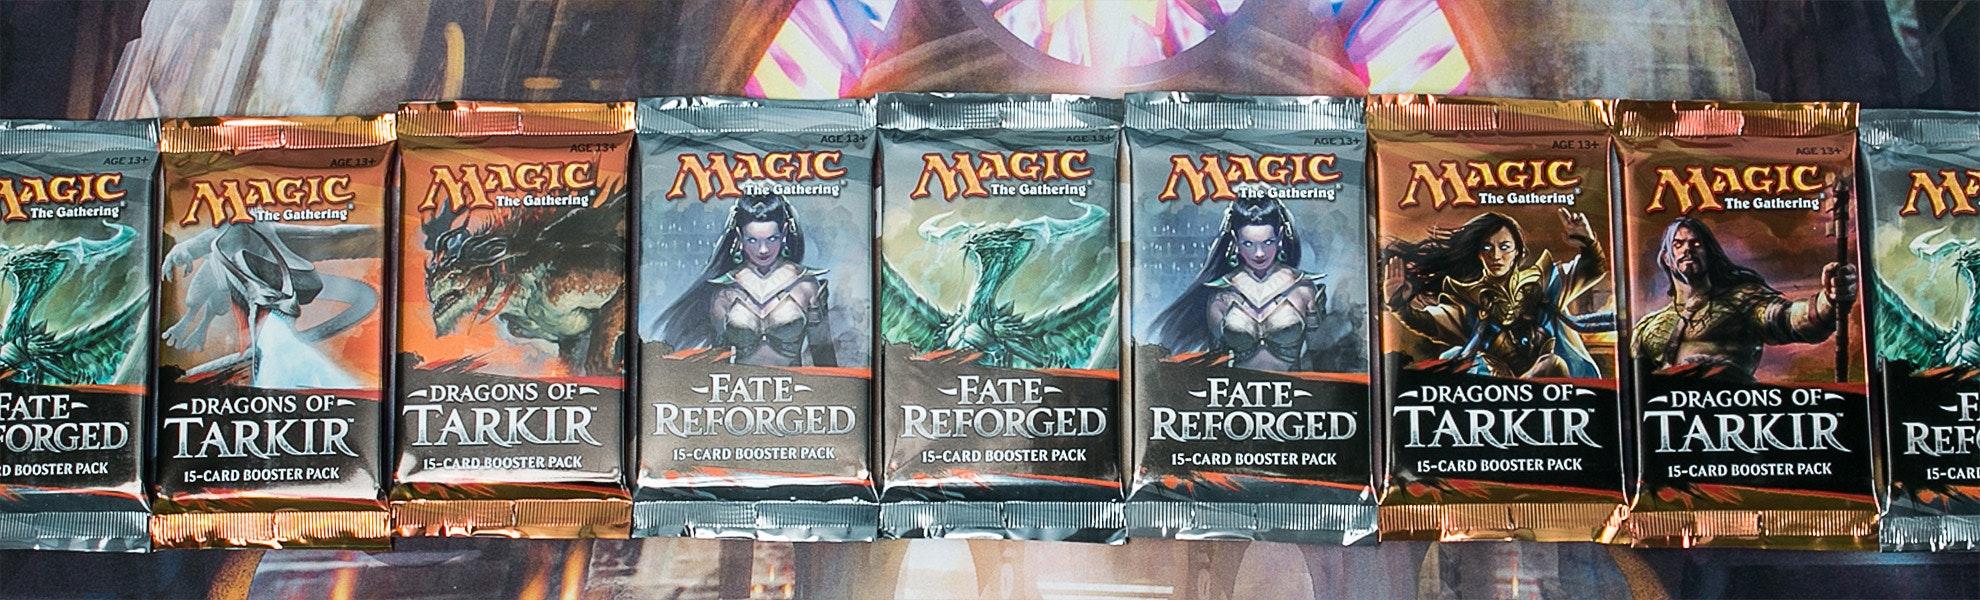 Dragons of Tarkir Draft Bundle